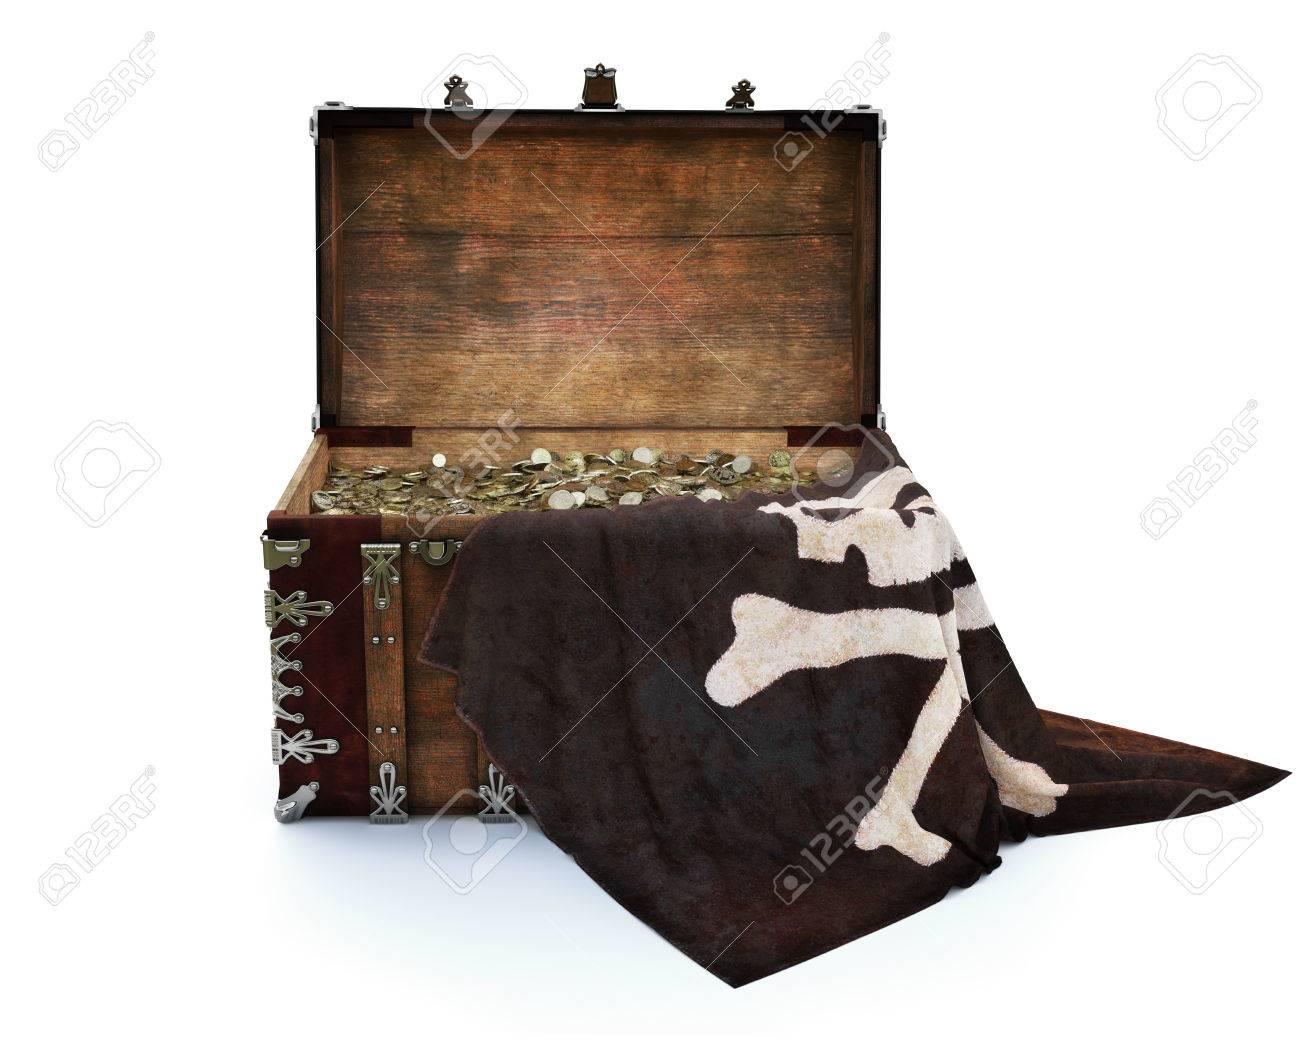 nouveau style 9b25c 260d2 Pirate d'or. Un vieux coffre de pirate en bois drapé avec un drapeau et  rempli de pièces d'or. Isolé sur fond blanc. Rendu 3D